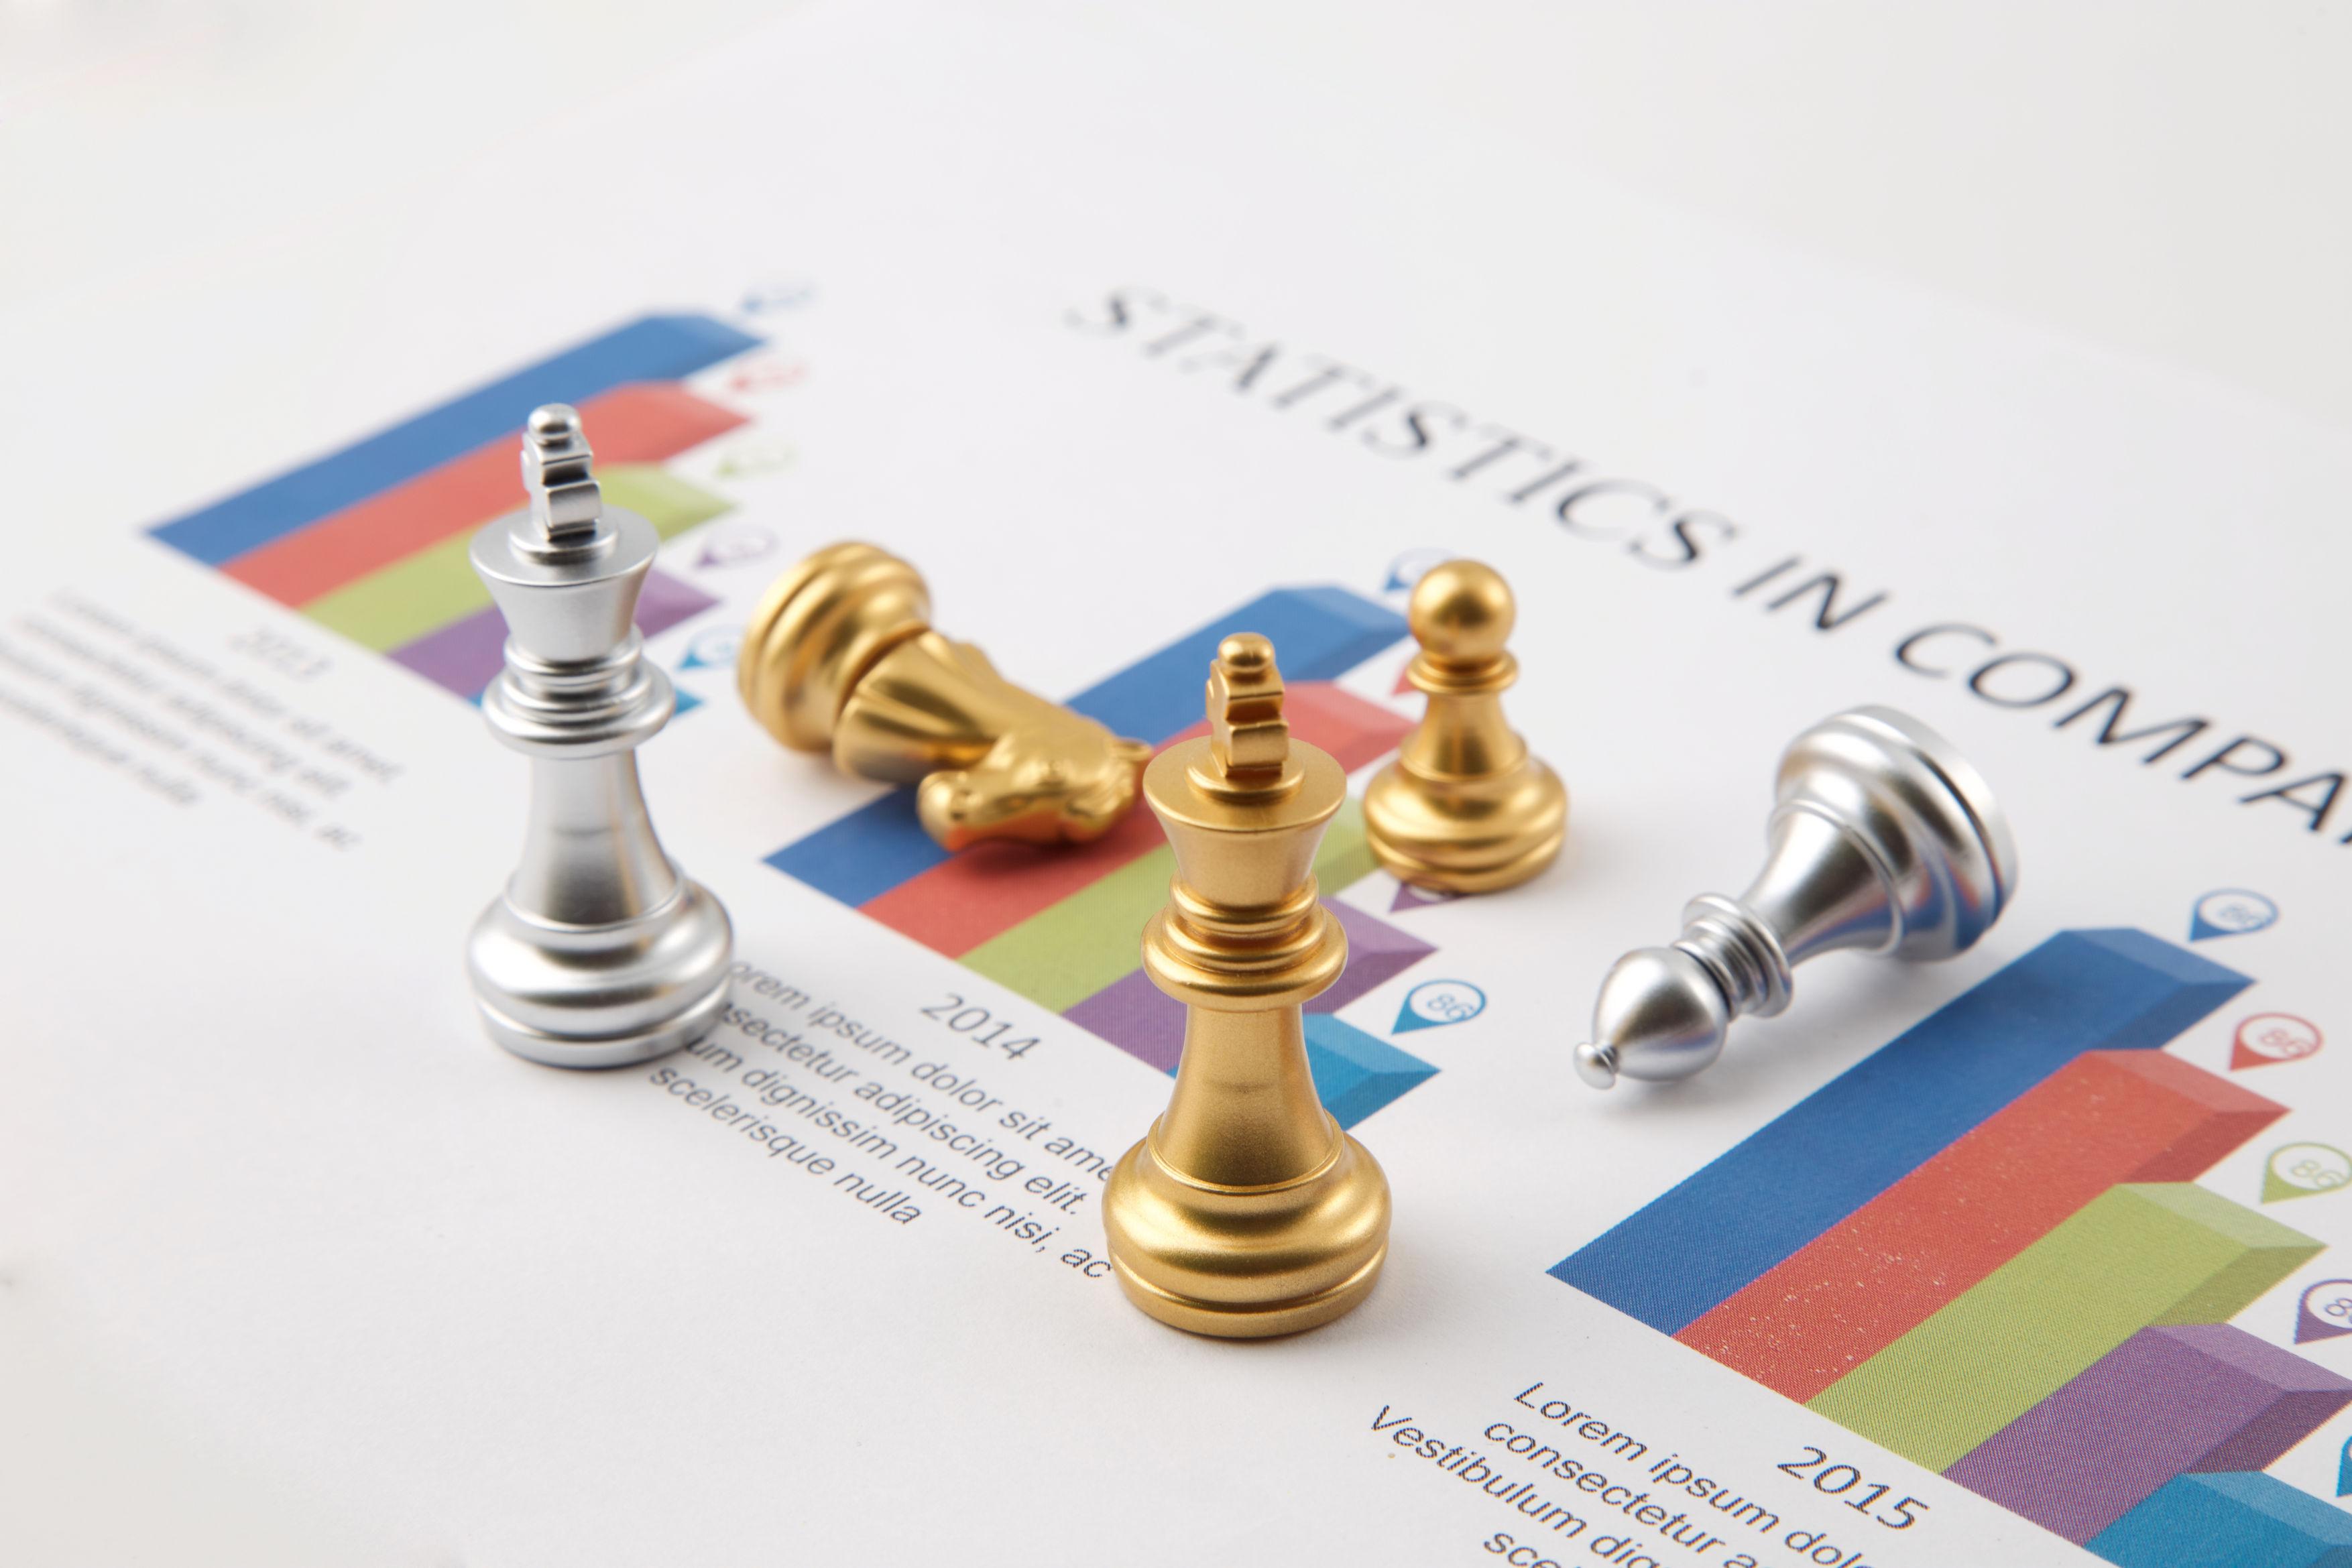 对美联储加息路径的讨论——利率、经济与风险的平衡